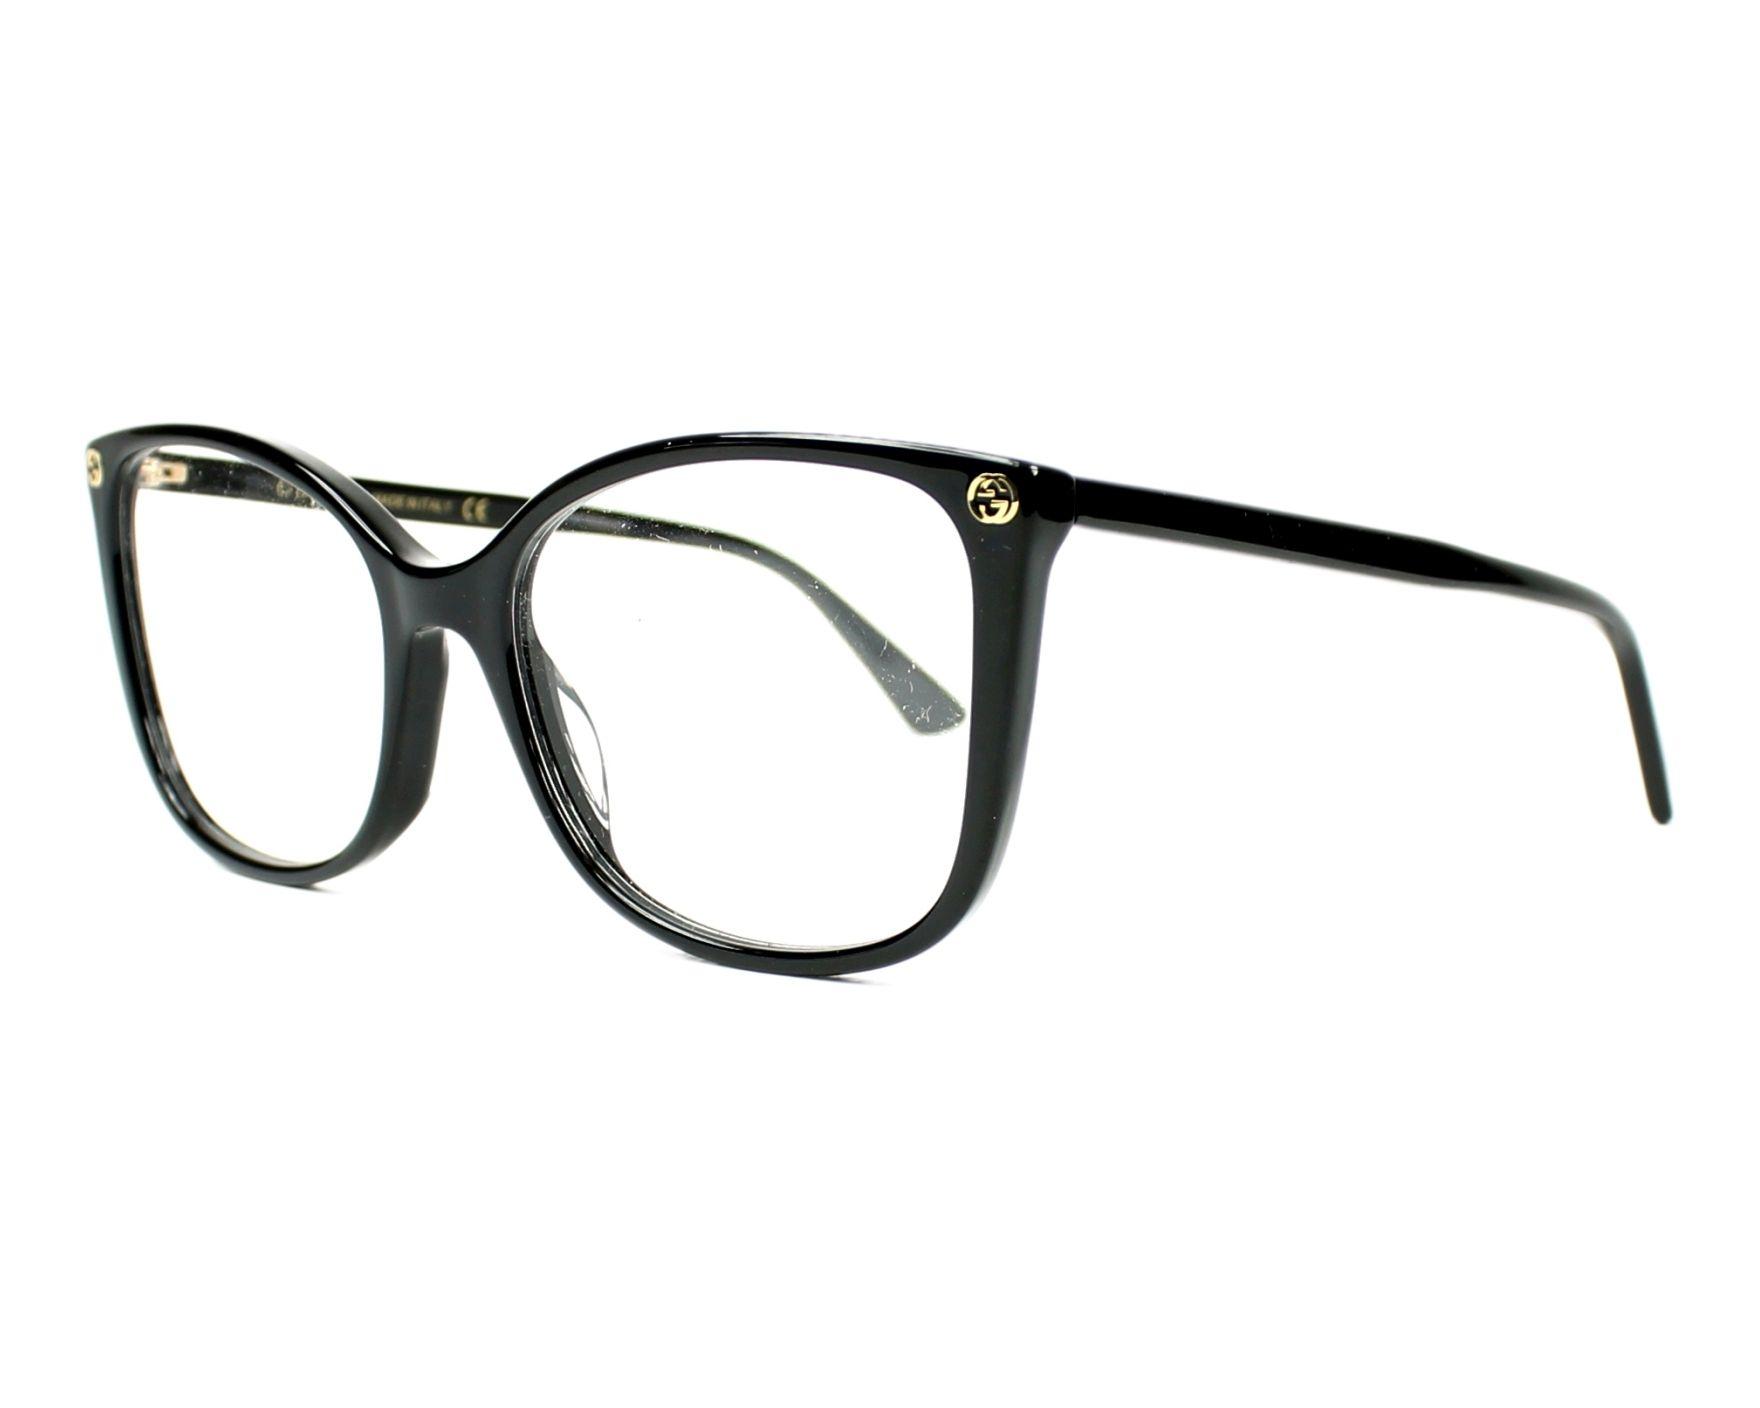 Kaufen Sie Ihre Gucci Brille GG-0026-O 001 Online - Visionet